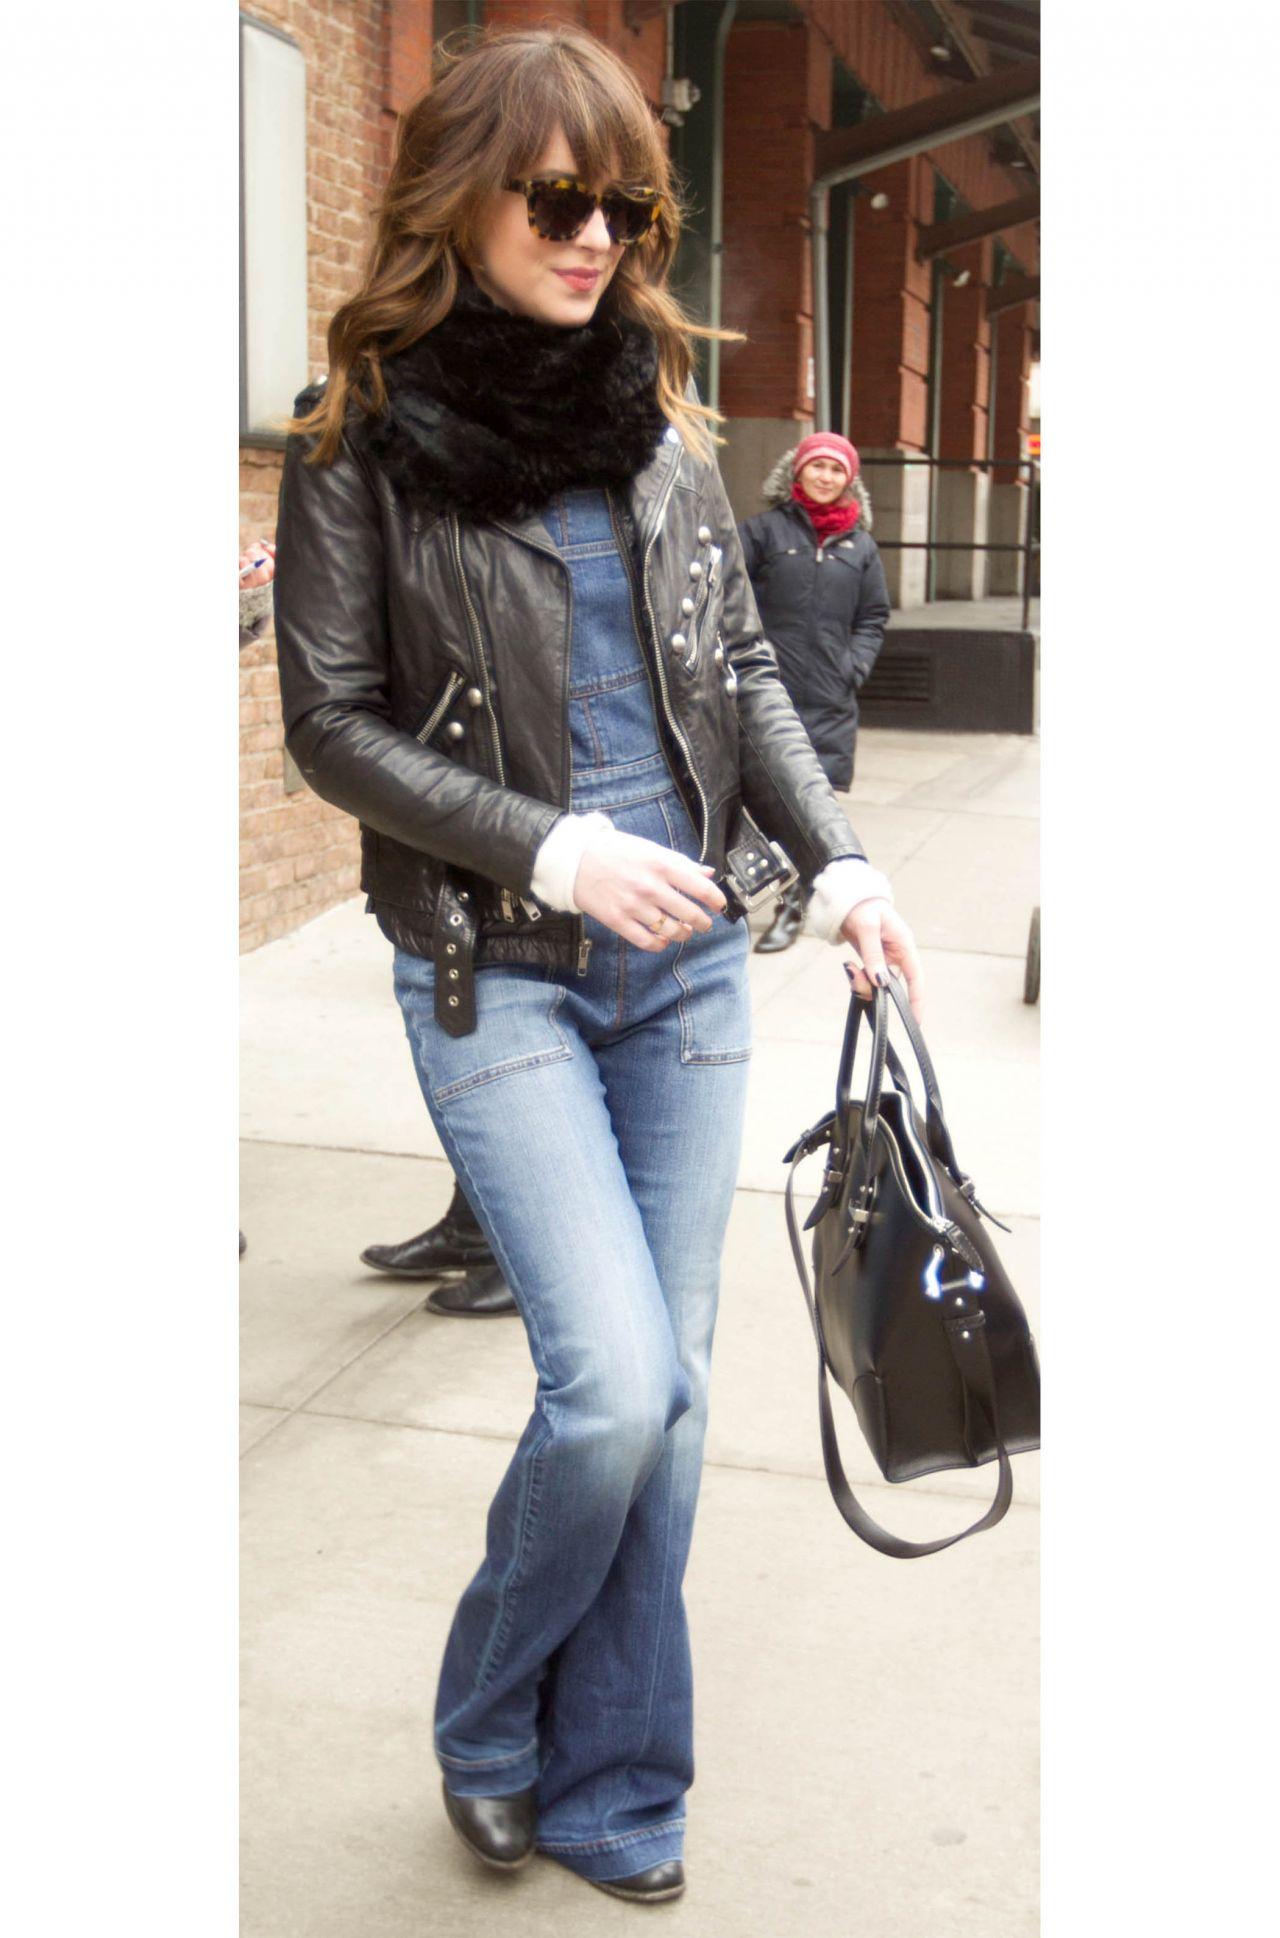 Dakota Johnson in Bell Bottom Jeans - Leaving Her Hotel in New York City, Feb. 2015